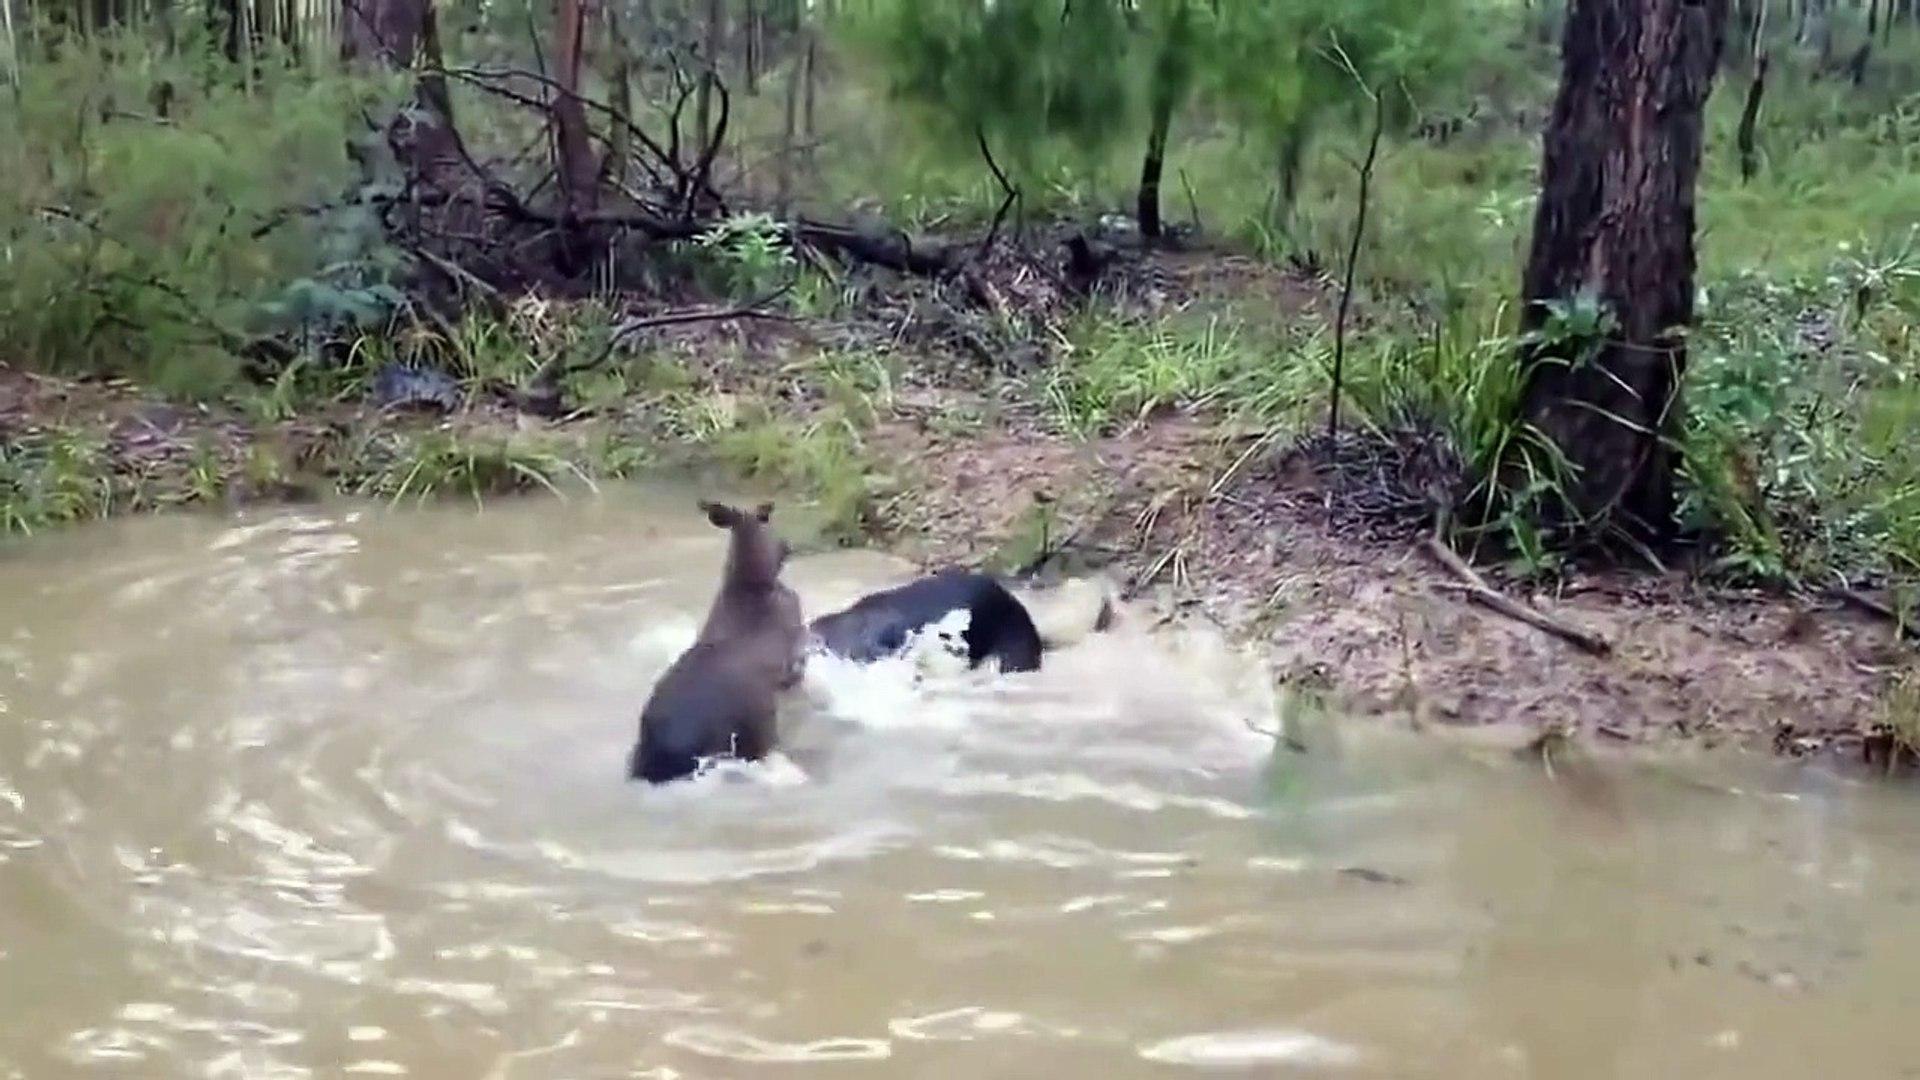 Охота, бой собаки с чупакаброй. Реальные кадры.